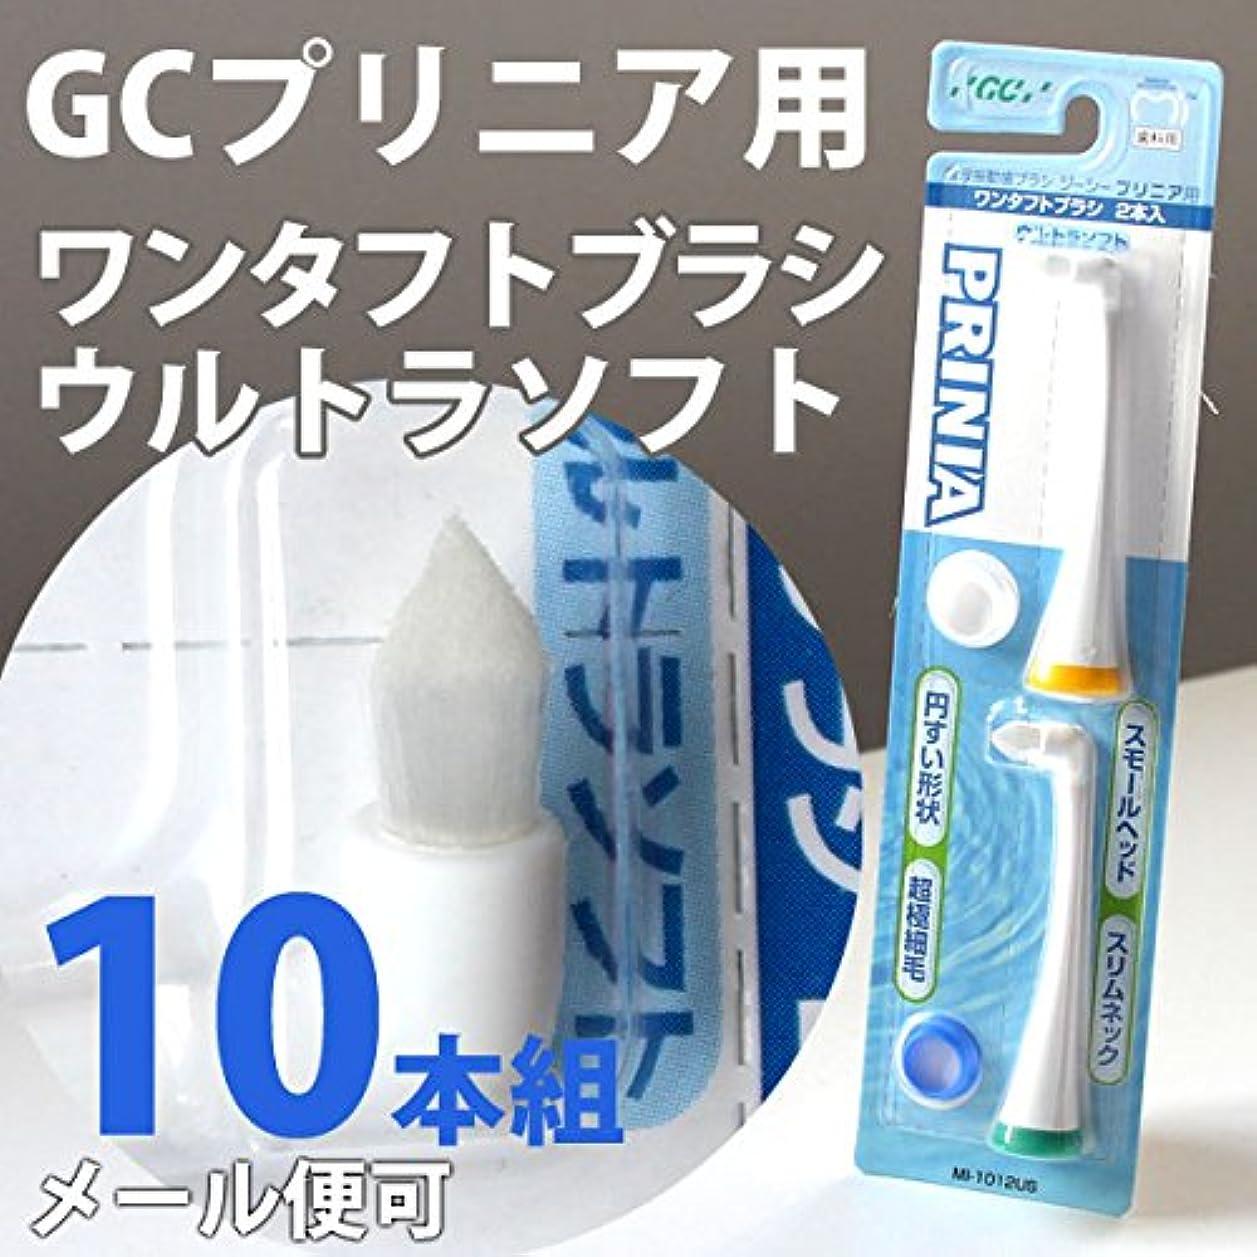 最後にグリースクールプリニア ワンタフト GC 音波振動 歯ブラシ プリニアスリム ブラシ 替えブラシ (ウルトラソフト)5セット (10本)